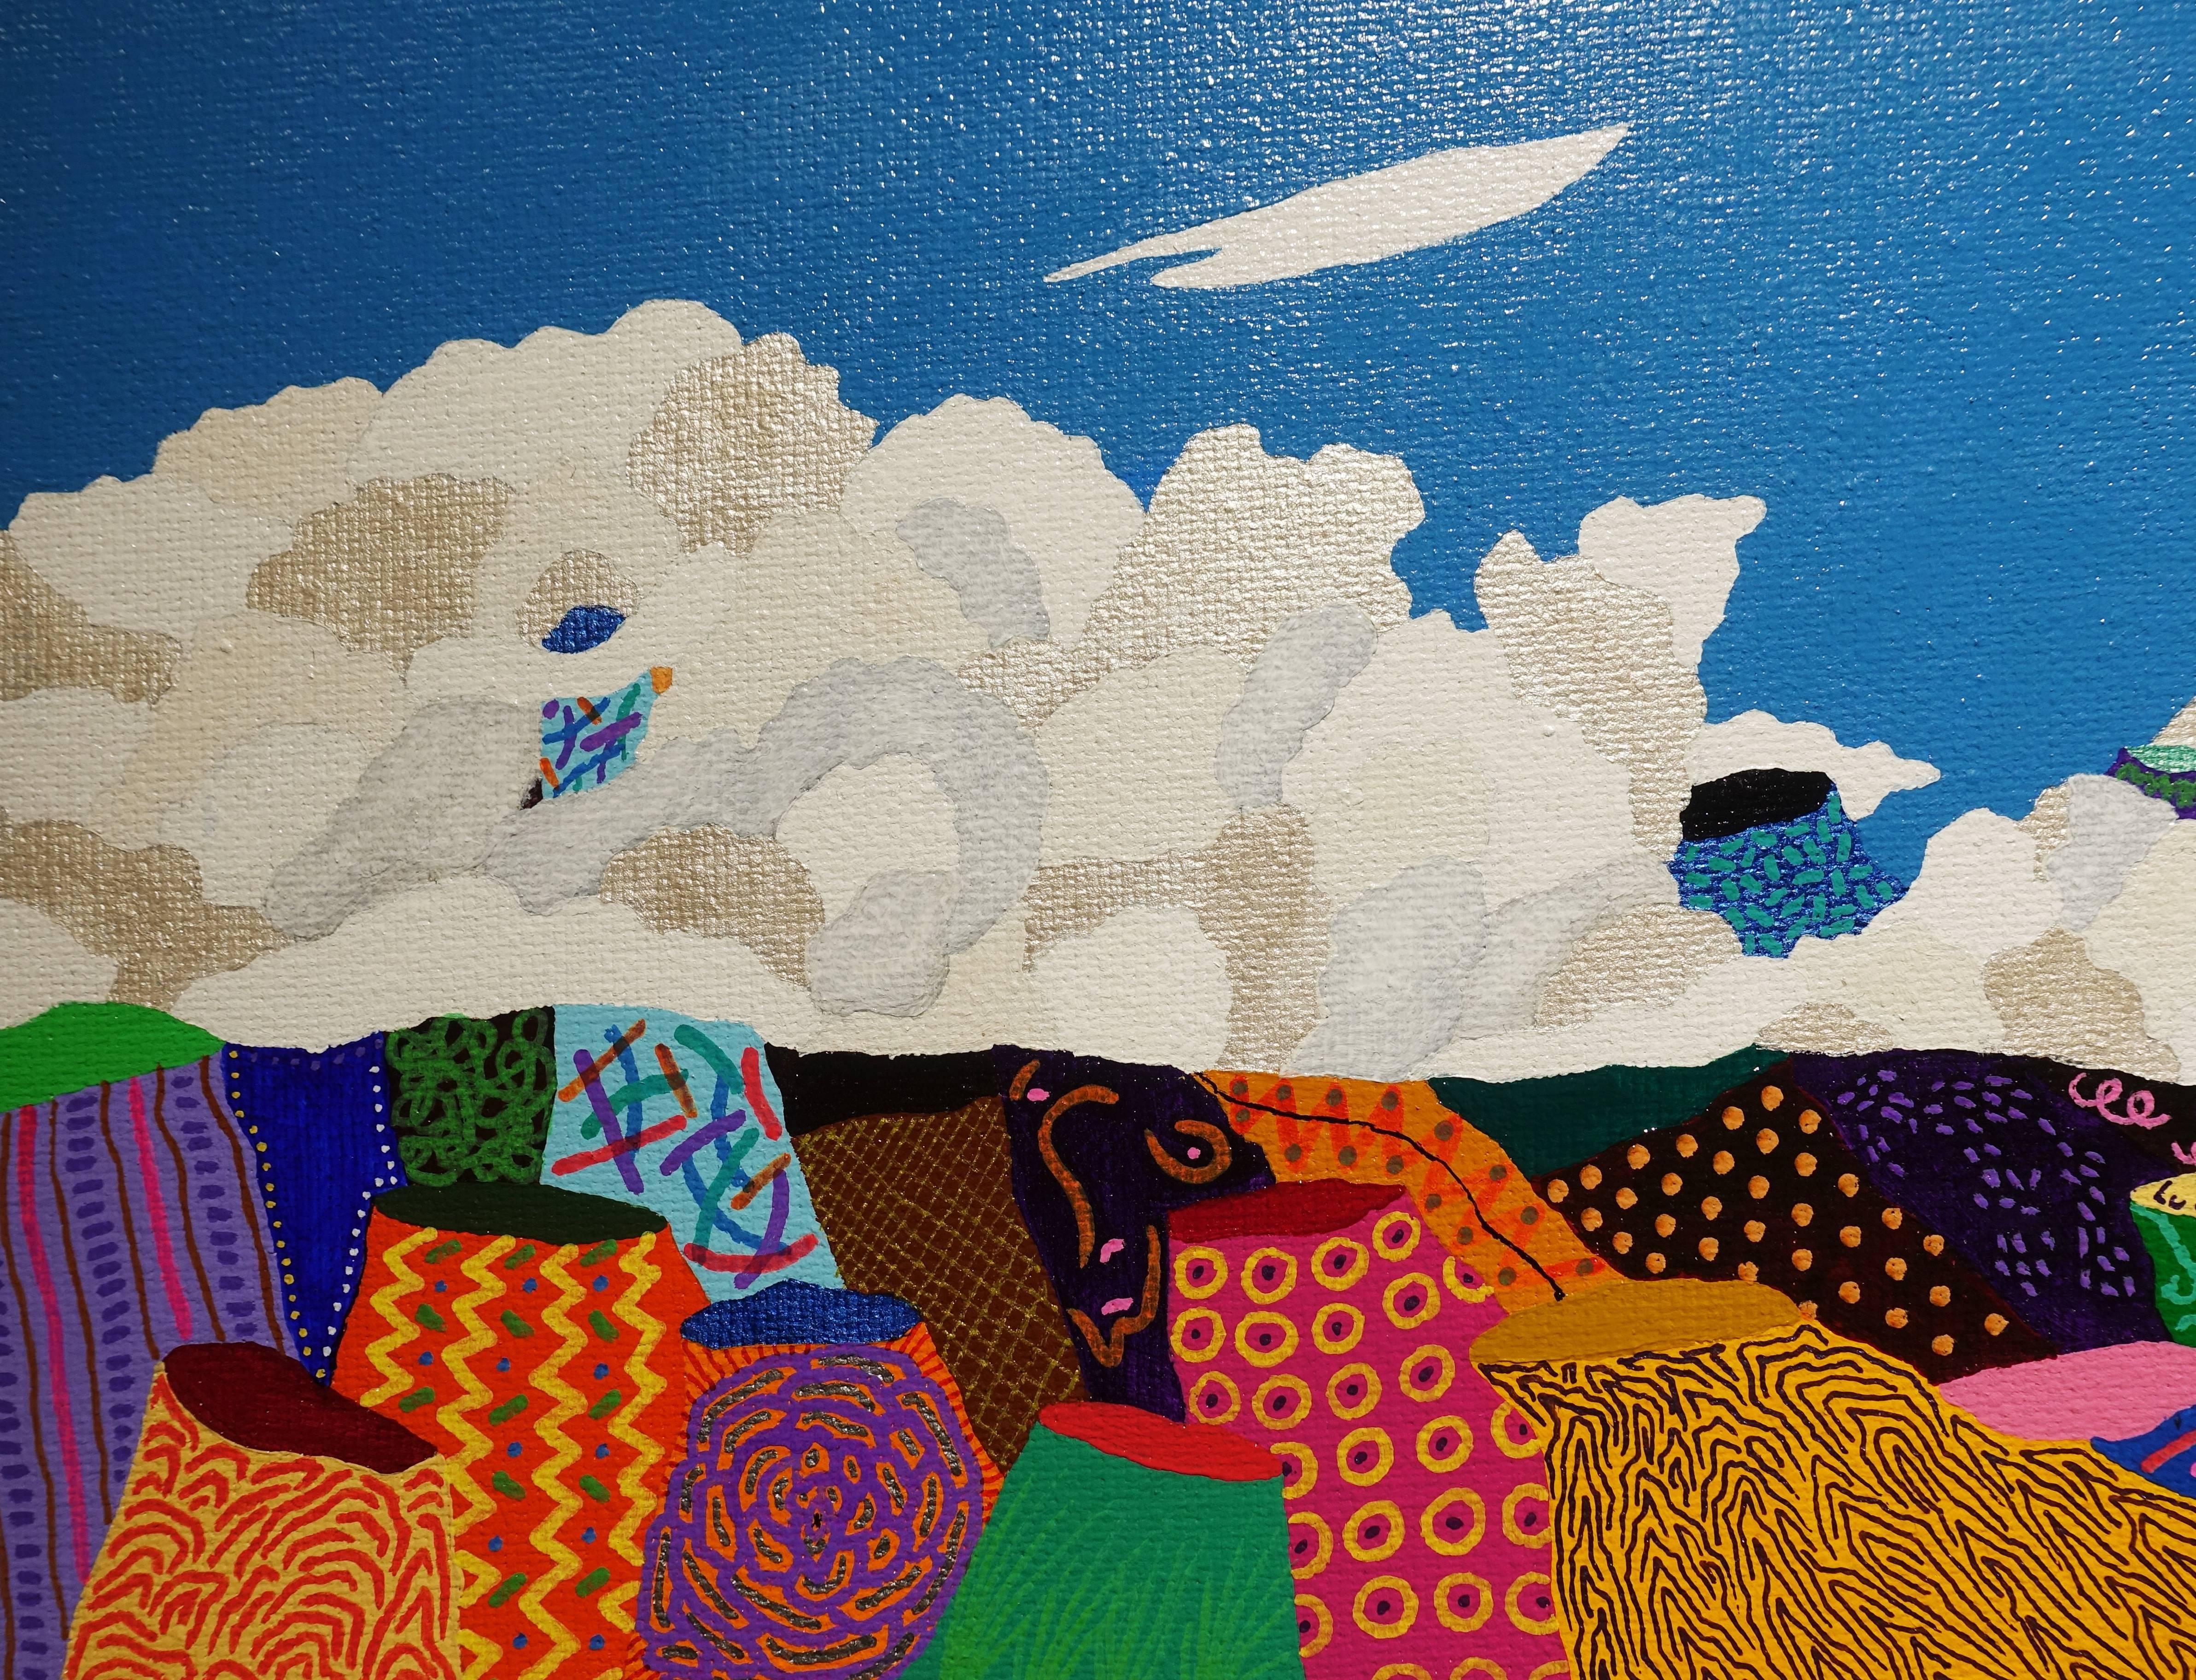 盧俊翰,《擁抱山的雲》細節,53 x 33 cm,壓克力,2018。